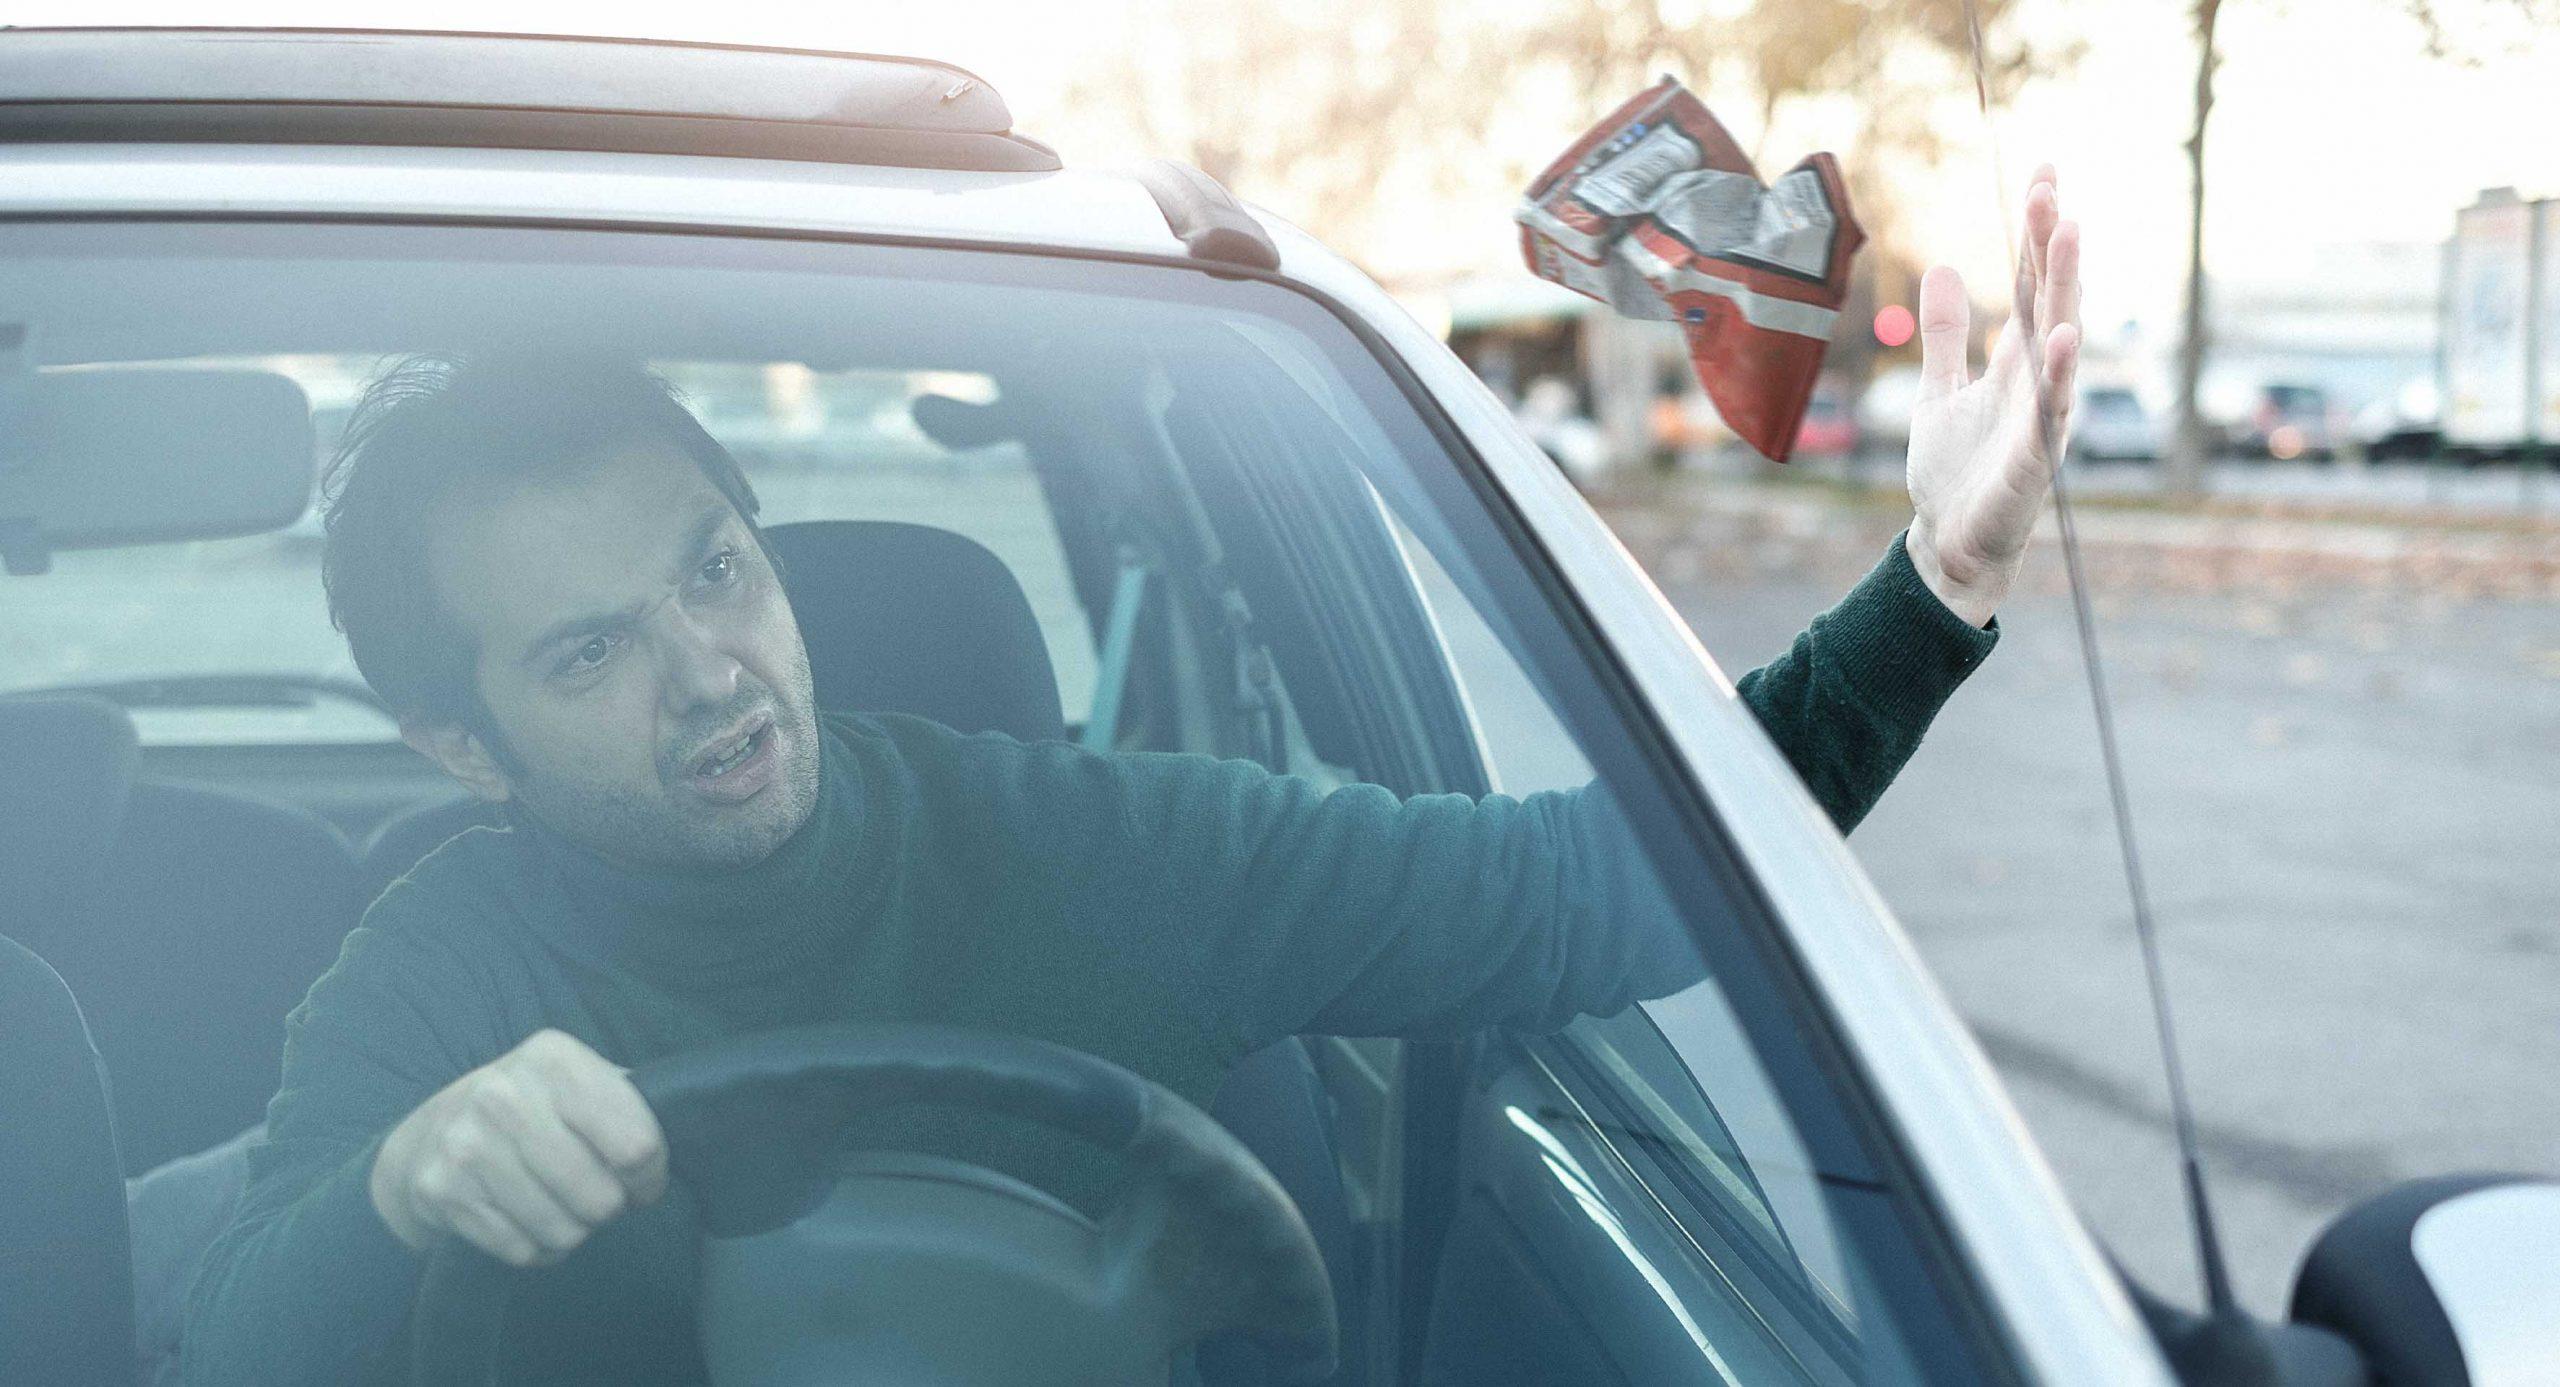 صورة مواطن يلقن الحكومة الفاسدة درساً برمي كيس شيبس من نافذة سيارته لأنها تستحق ذلك وأكثر